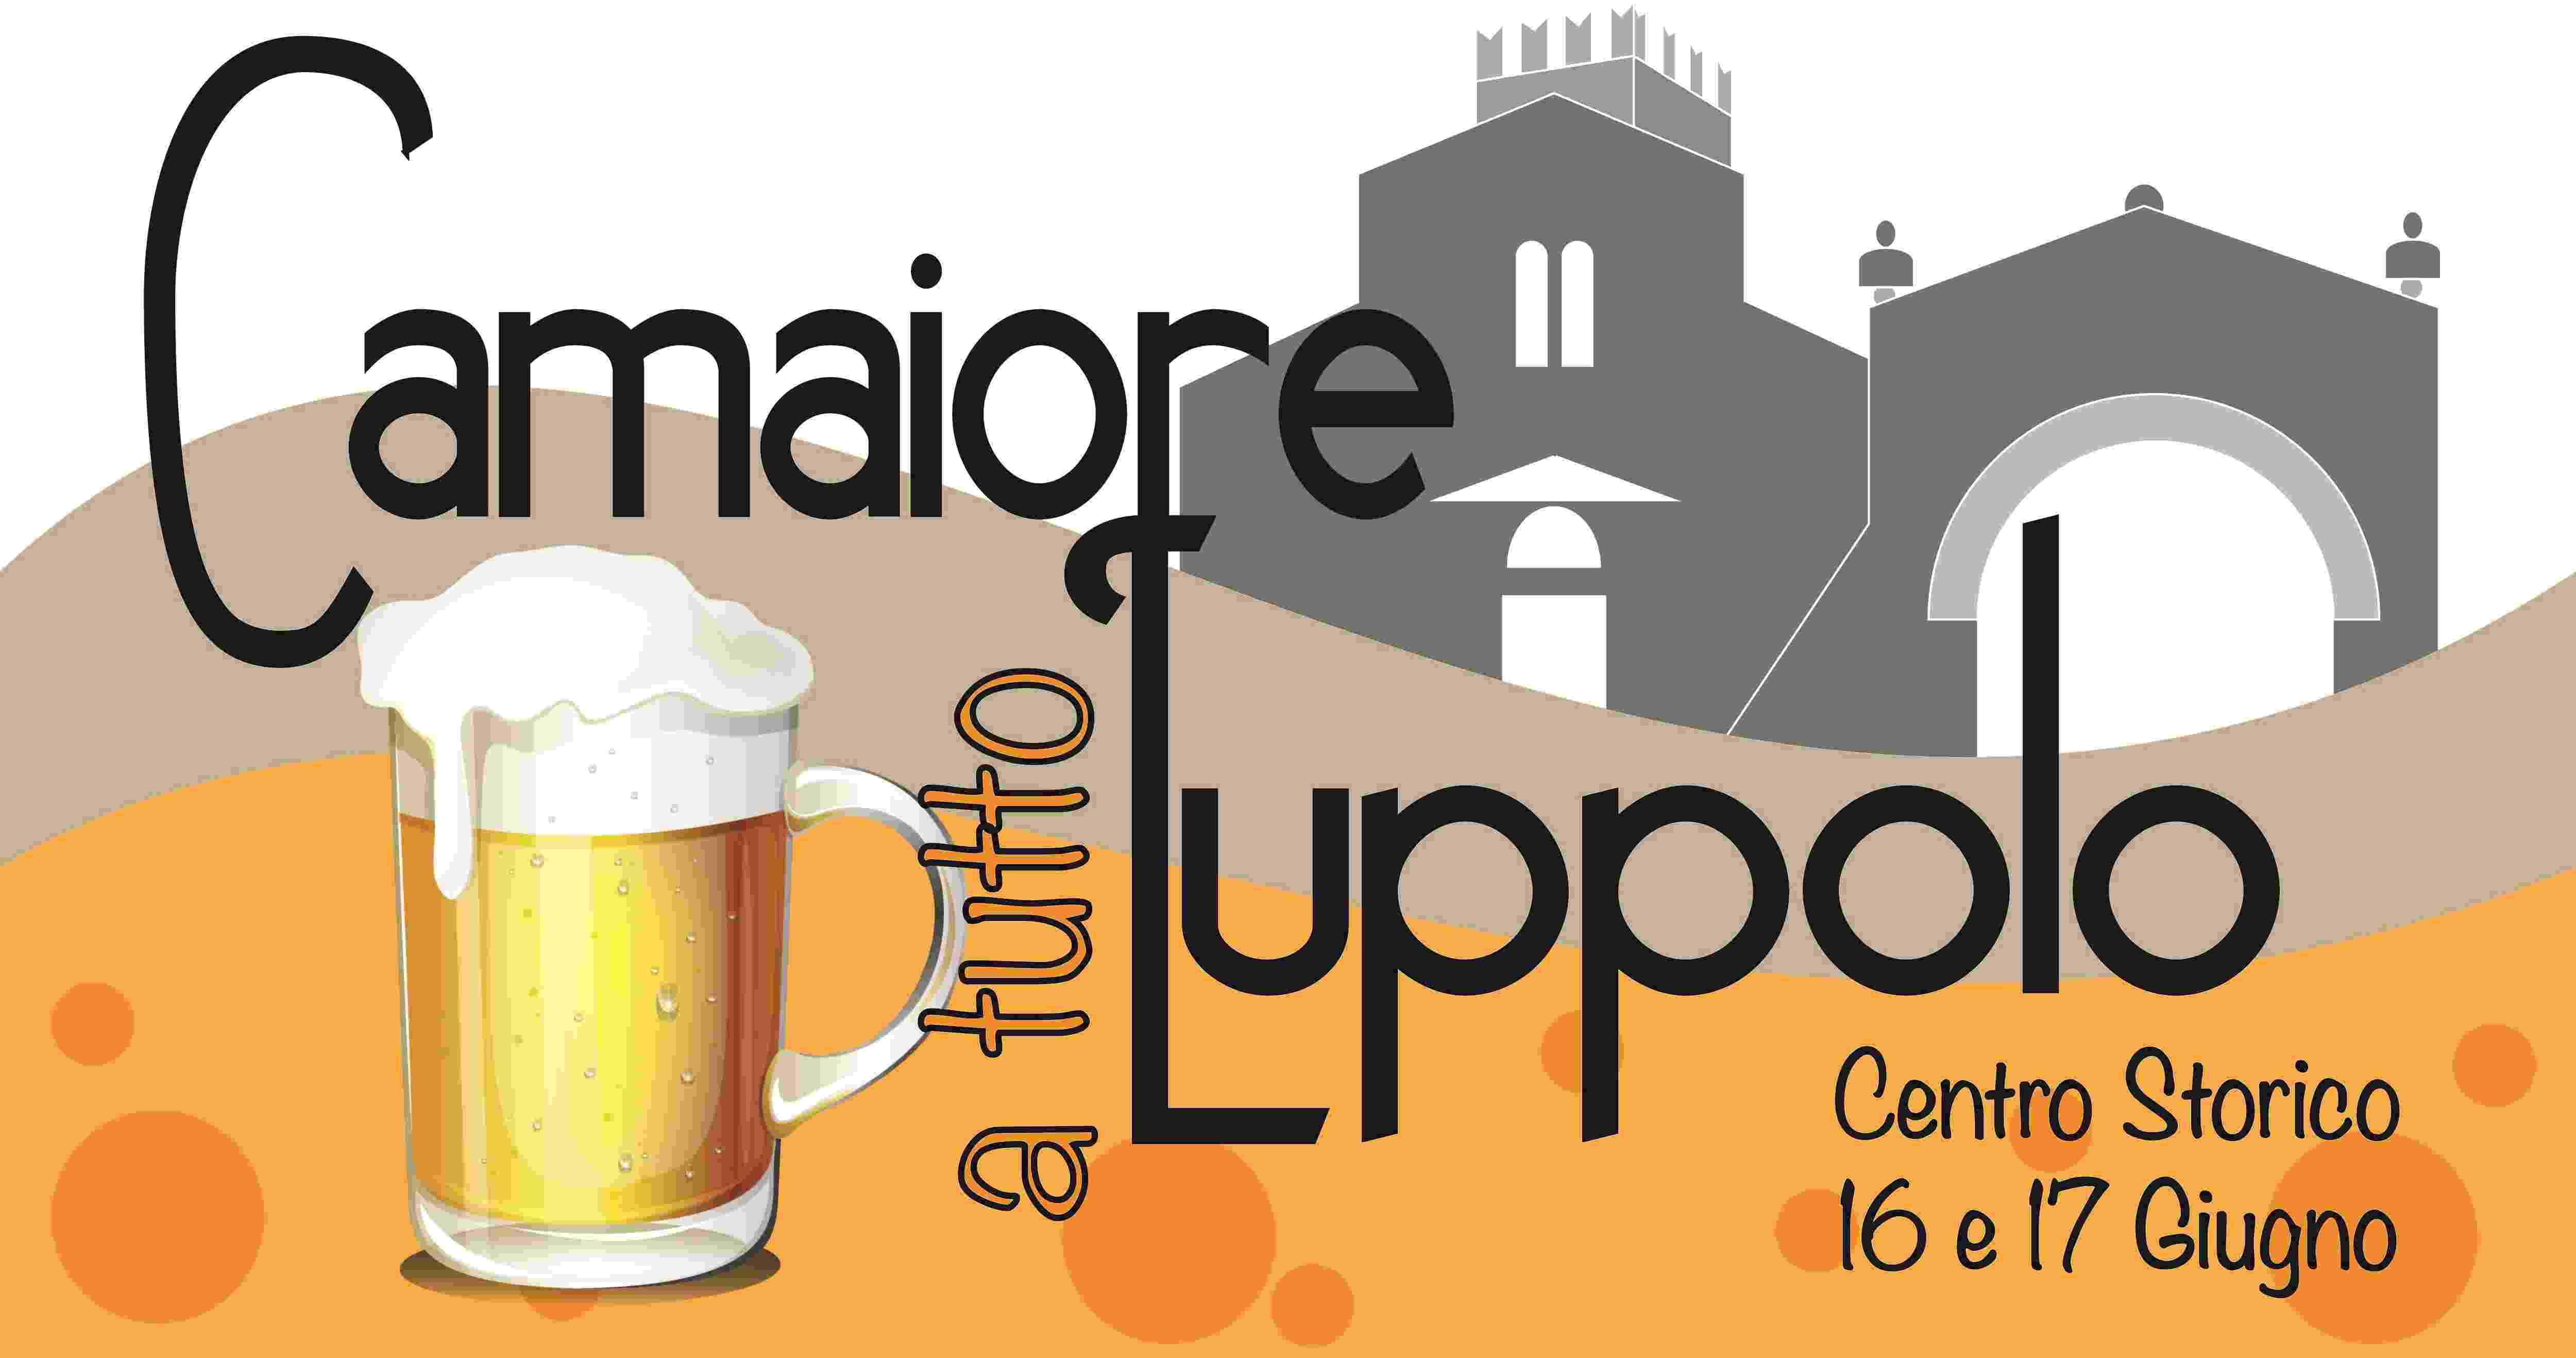 rassegna di birre artigianali locali e italiane nel centro storico di camaiore